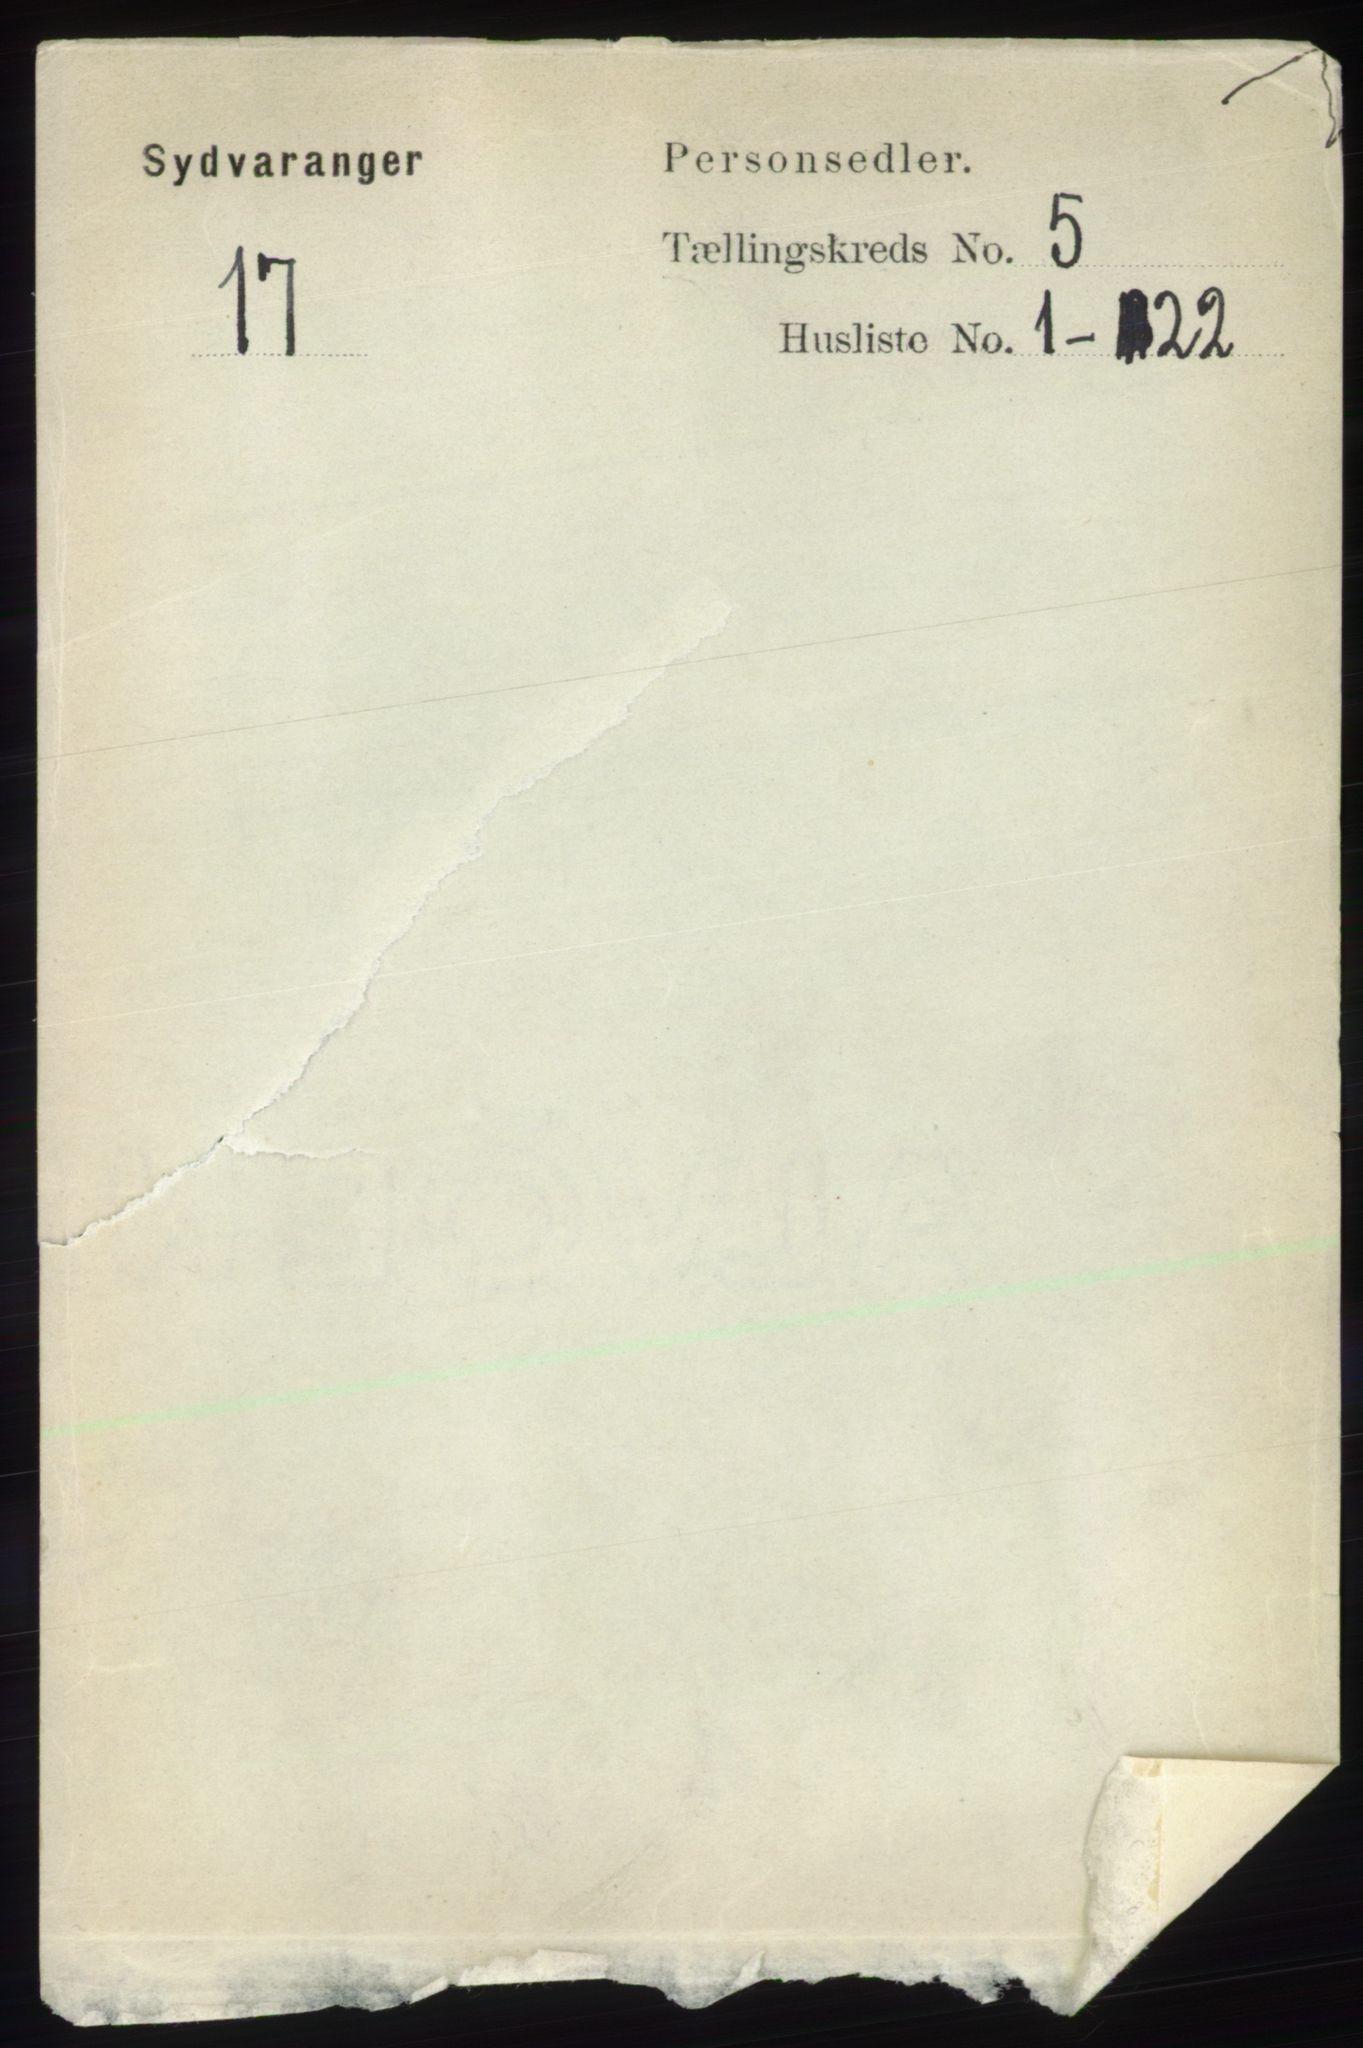 RA, Folketelling 1891 for 2030 Sør-Varanger herred, 1891, s. 1567